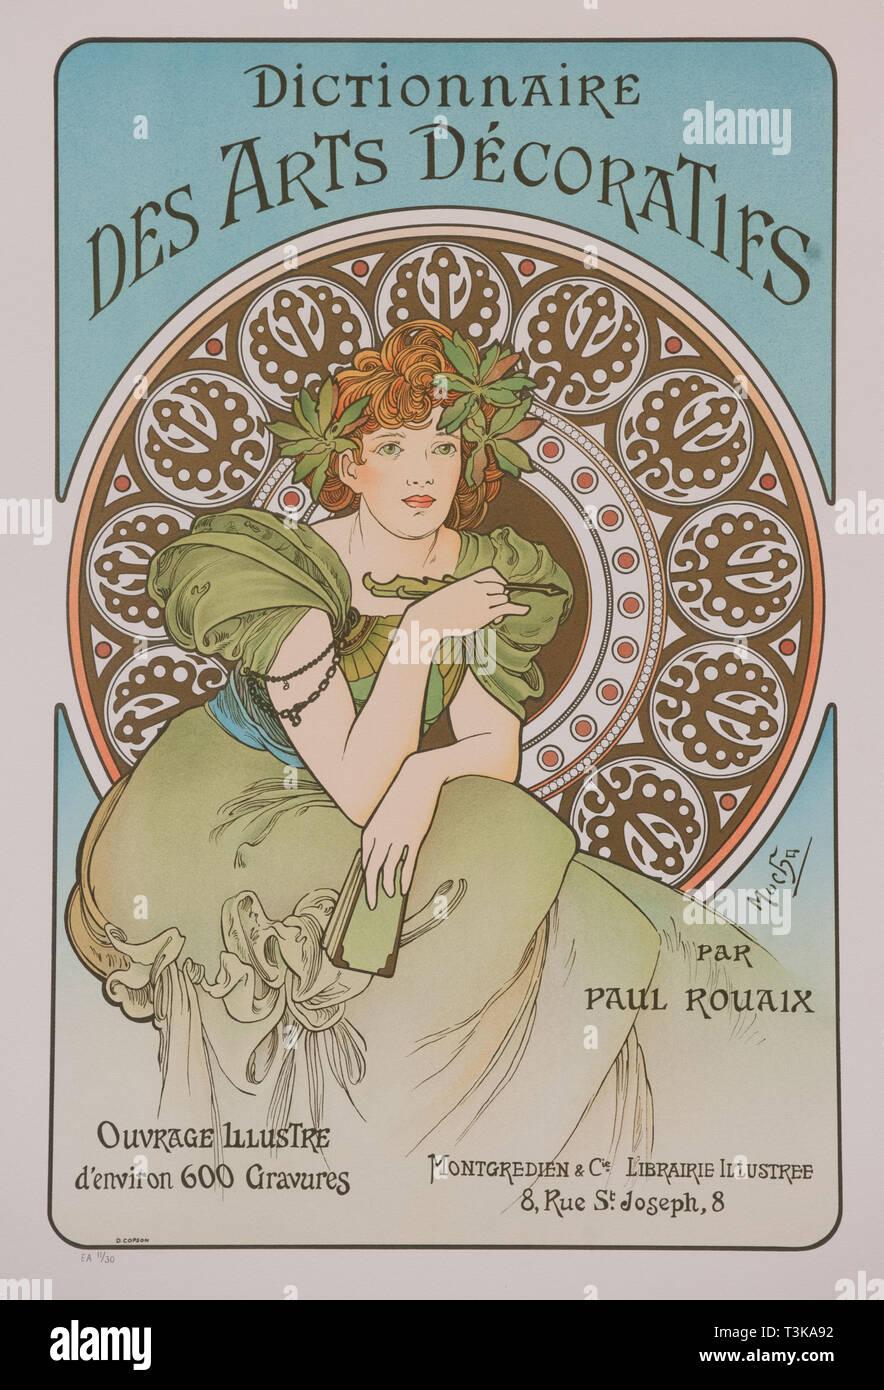 Dictionnaire des Arts Décoratifs, 1902. Créateur: Alfons Mucha, Marie (1860-1939). Banque D'Images